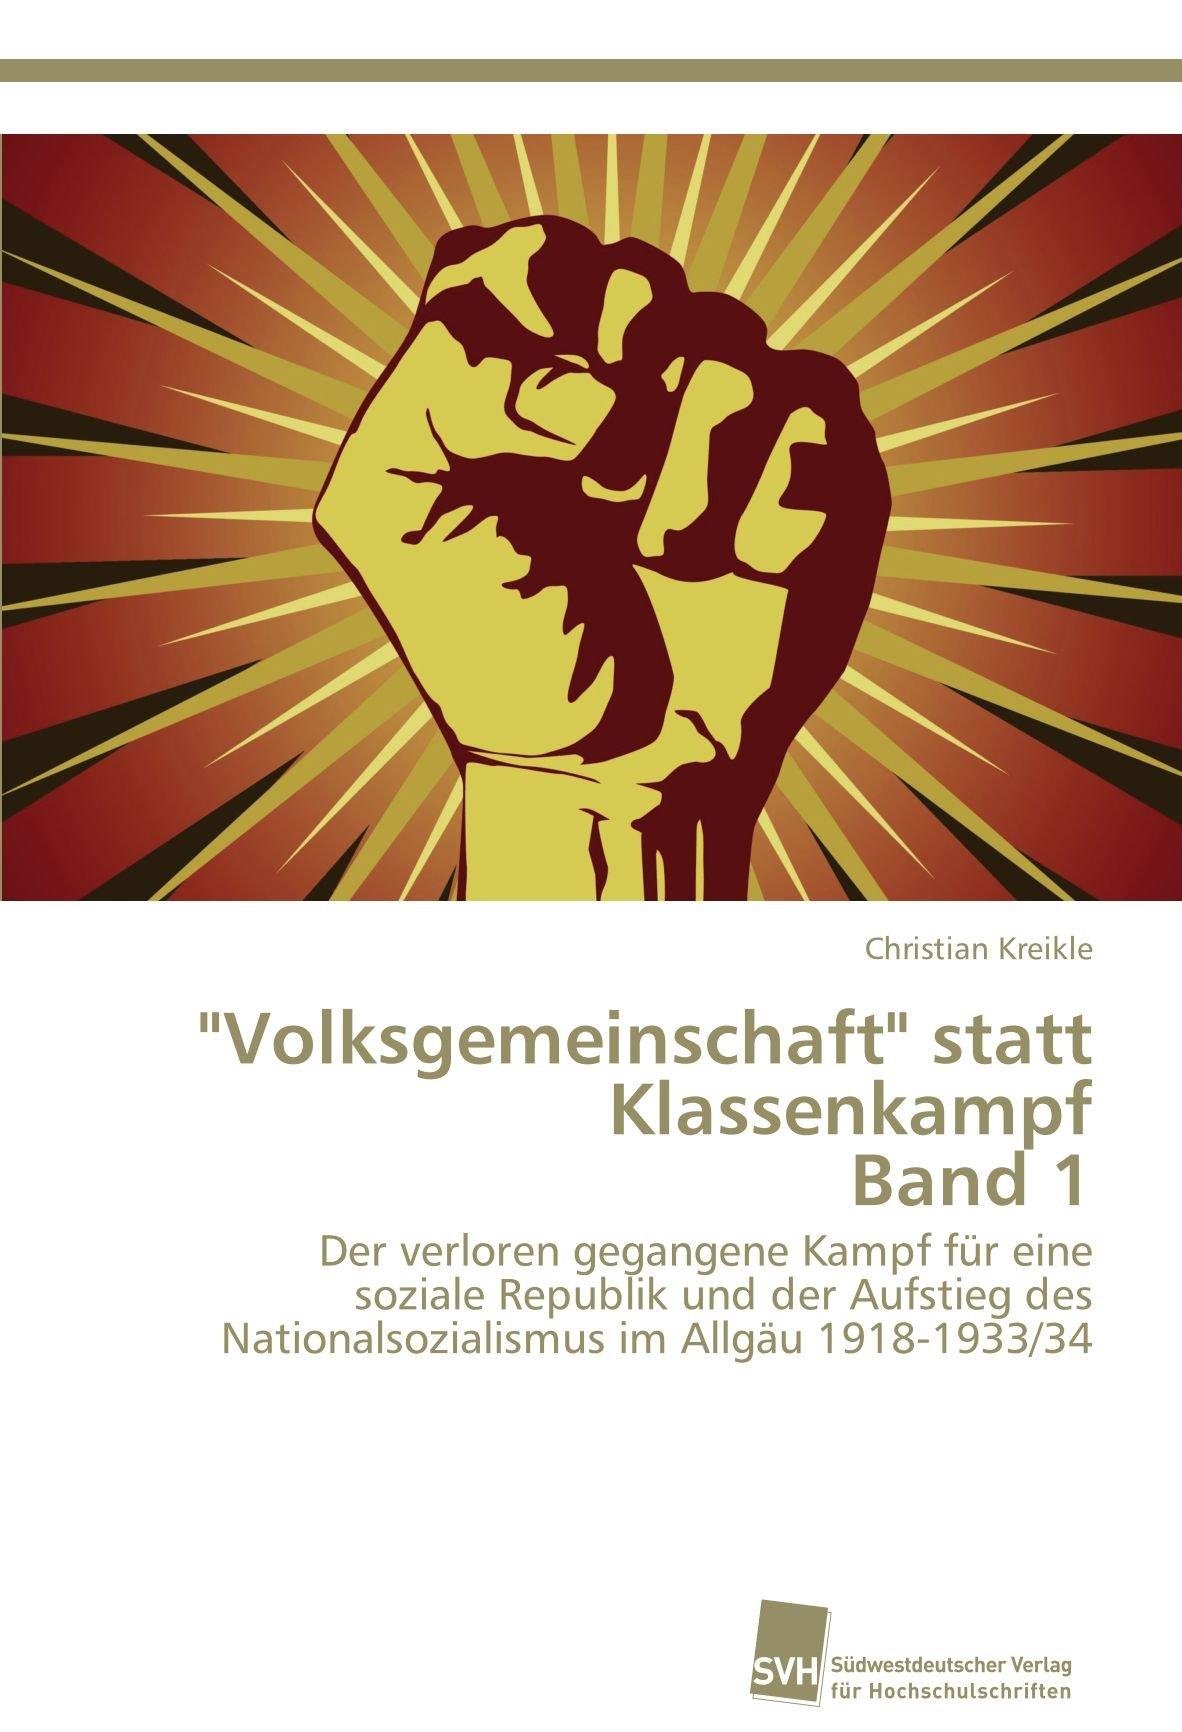 Volksgemeinschaft statt Klassenkampf Band 1: Der verloren gegangene Kampf für eine soziale Republik und der Aufstieg des Nationalsozialismus im Allgäu 1918-1933/34